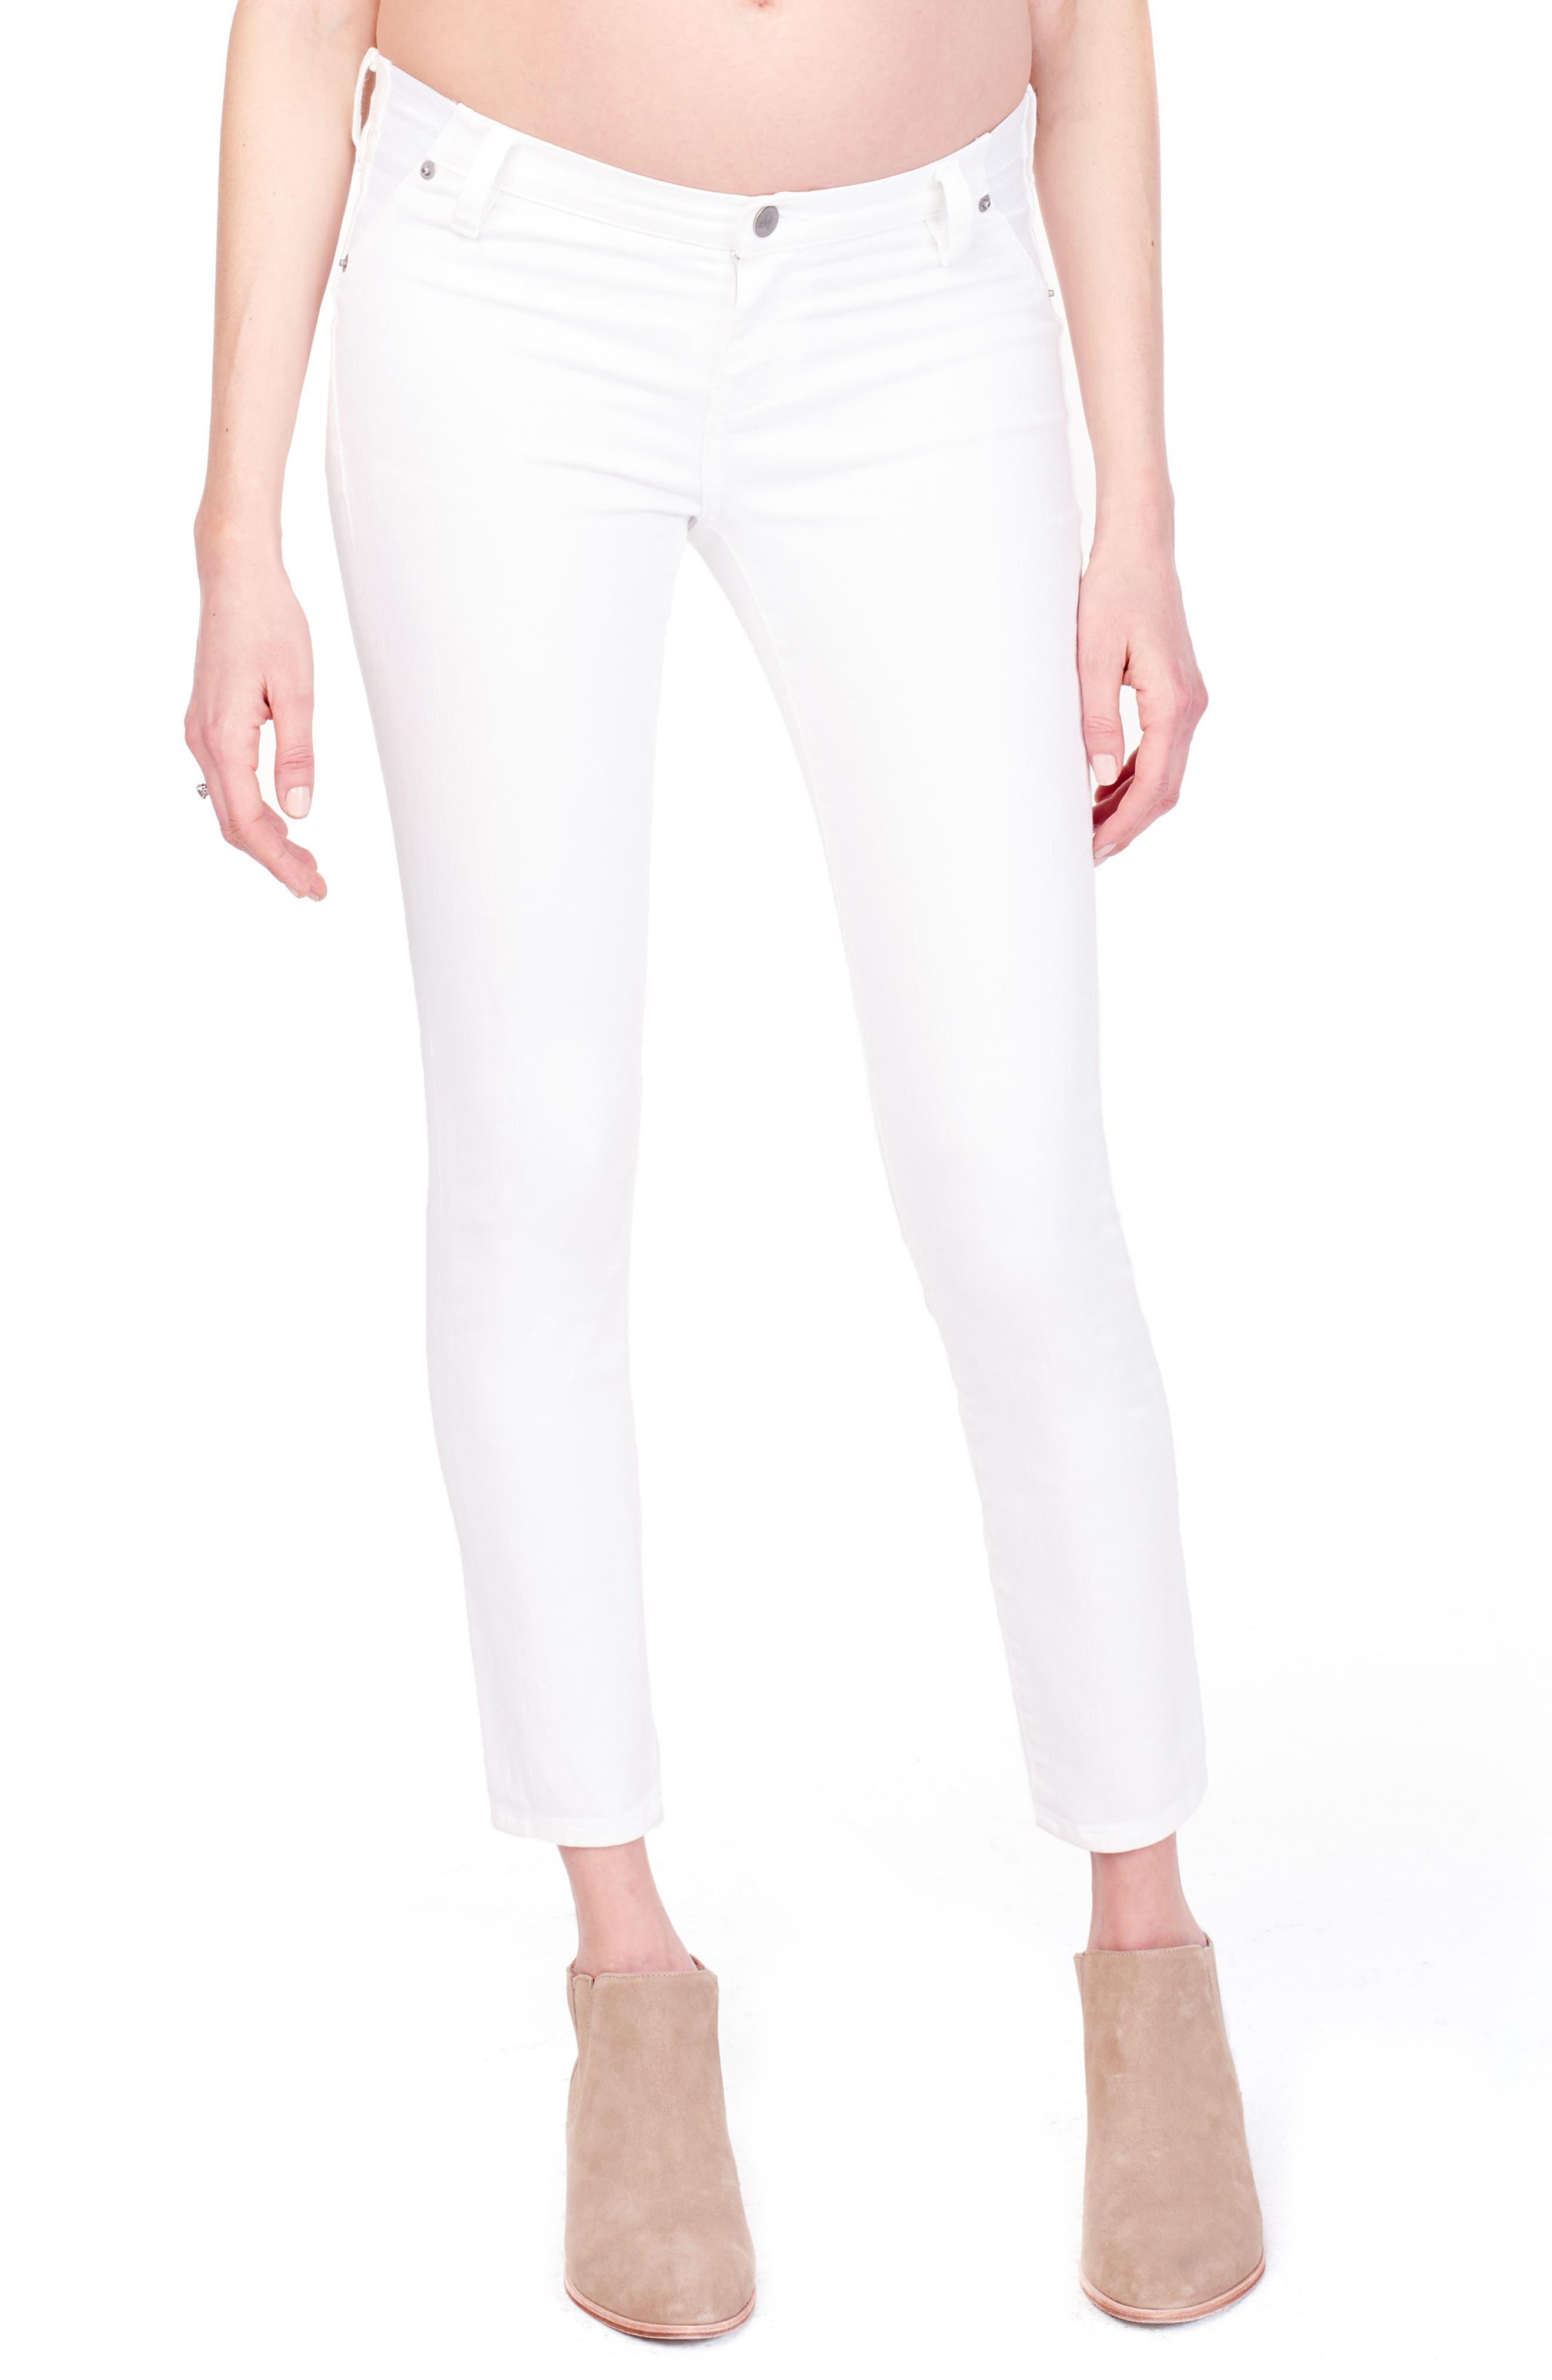 Sasha Maternity Skinny Jeans,                             Main thumbnail 1, color,                             White